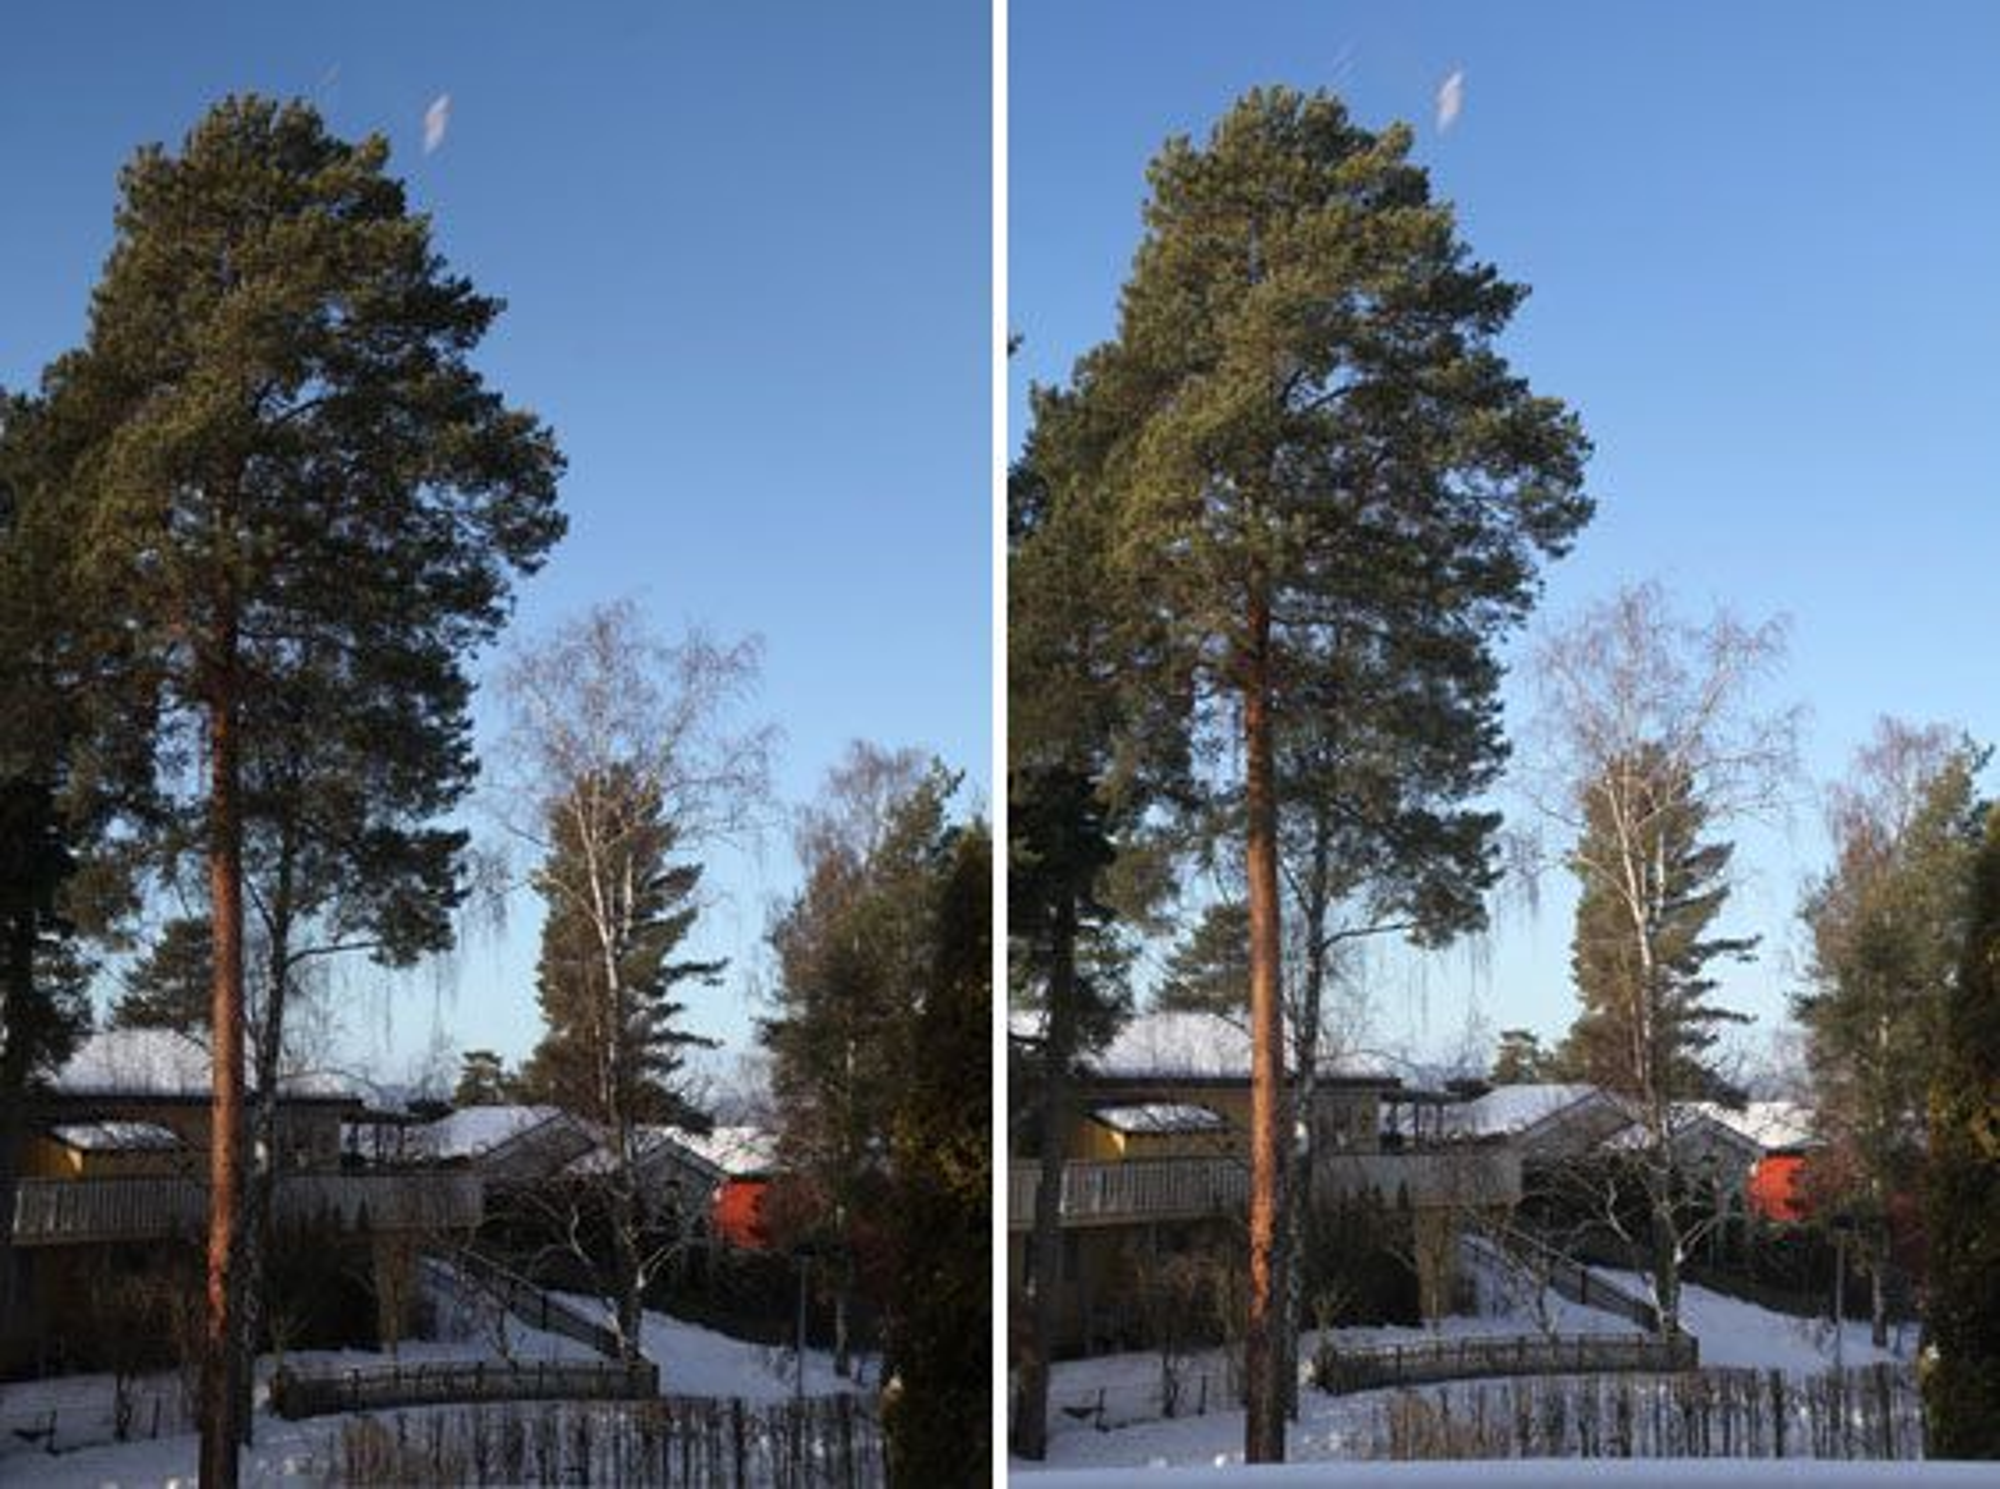 Samme eksponering, med og uten skyggejustering. Her er effekten satt til maks, og det kan virke noe overdrevet.